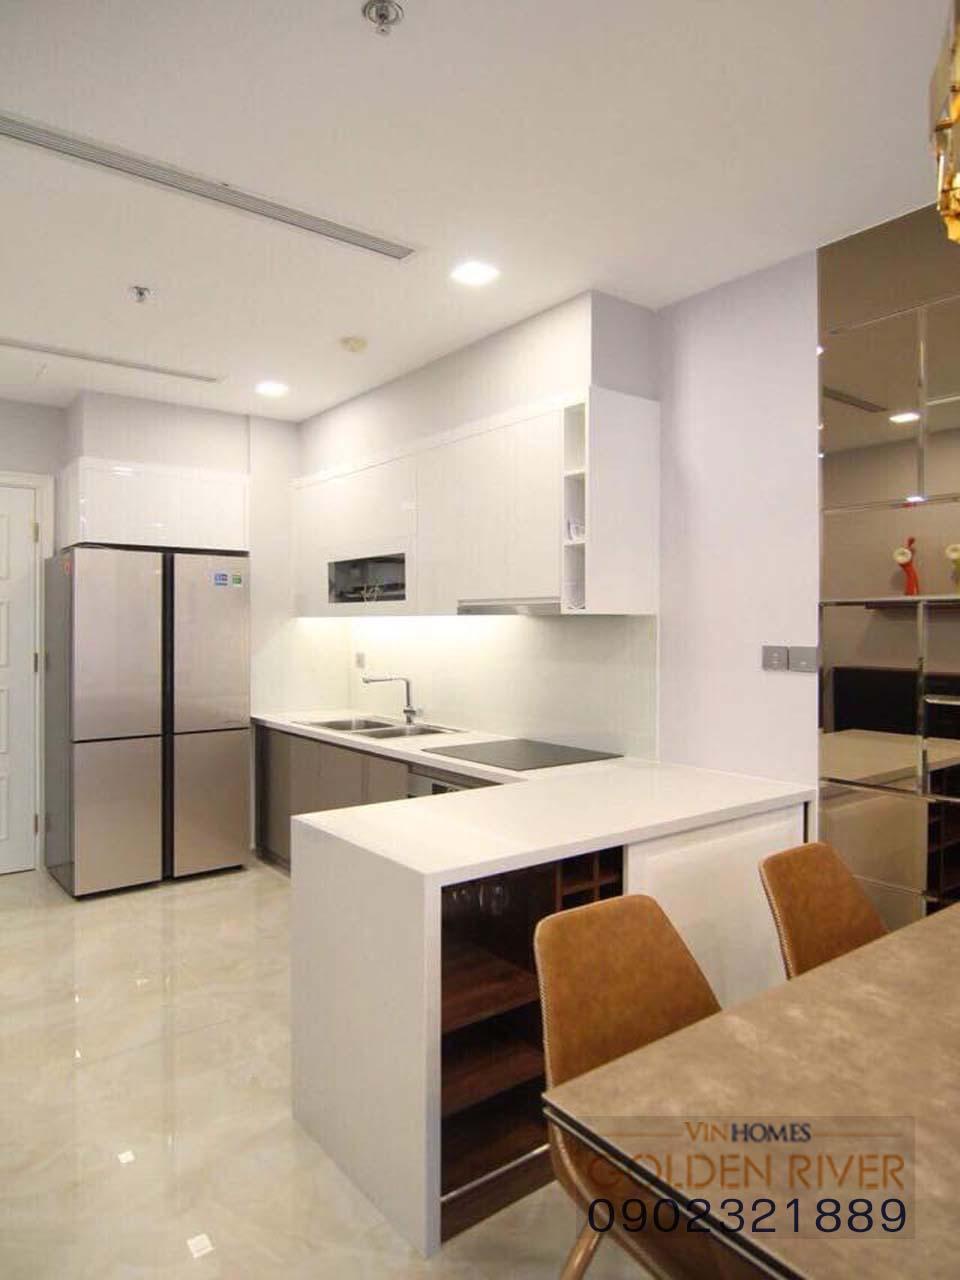 Bán căn hộ Vinhomes quận 1 tại cảng Ba Son 3 phòng ngủ nội thất cơ bản - hình 7